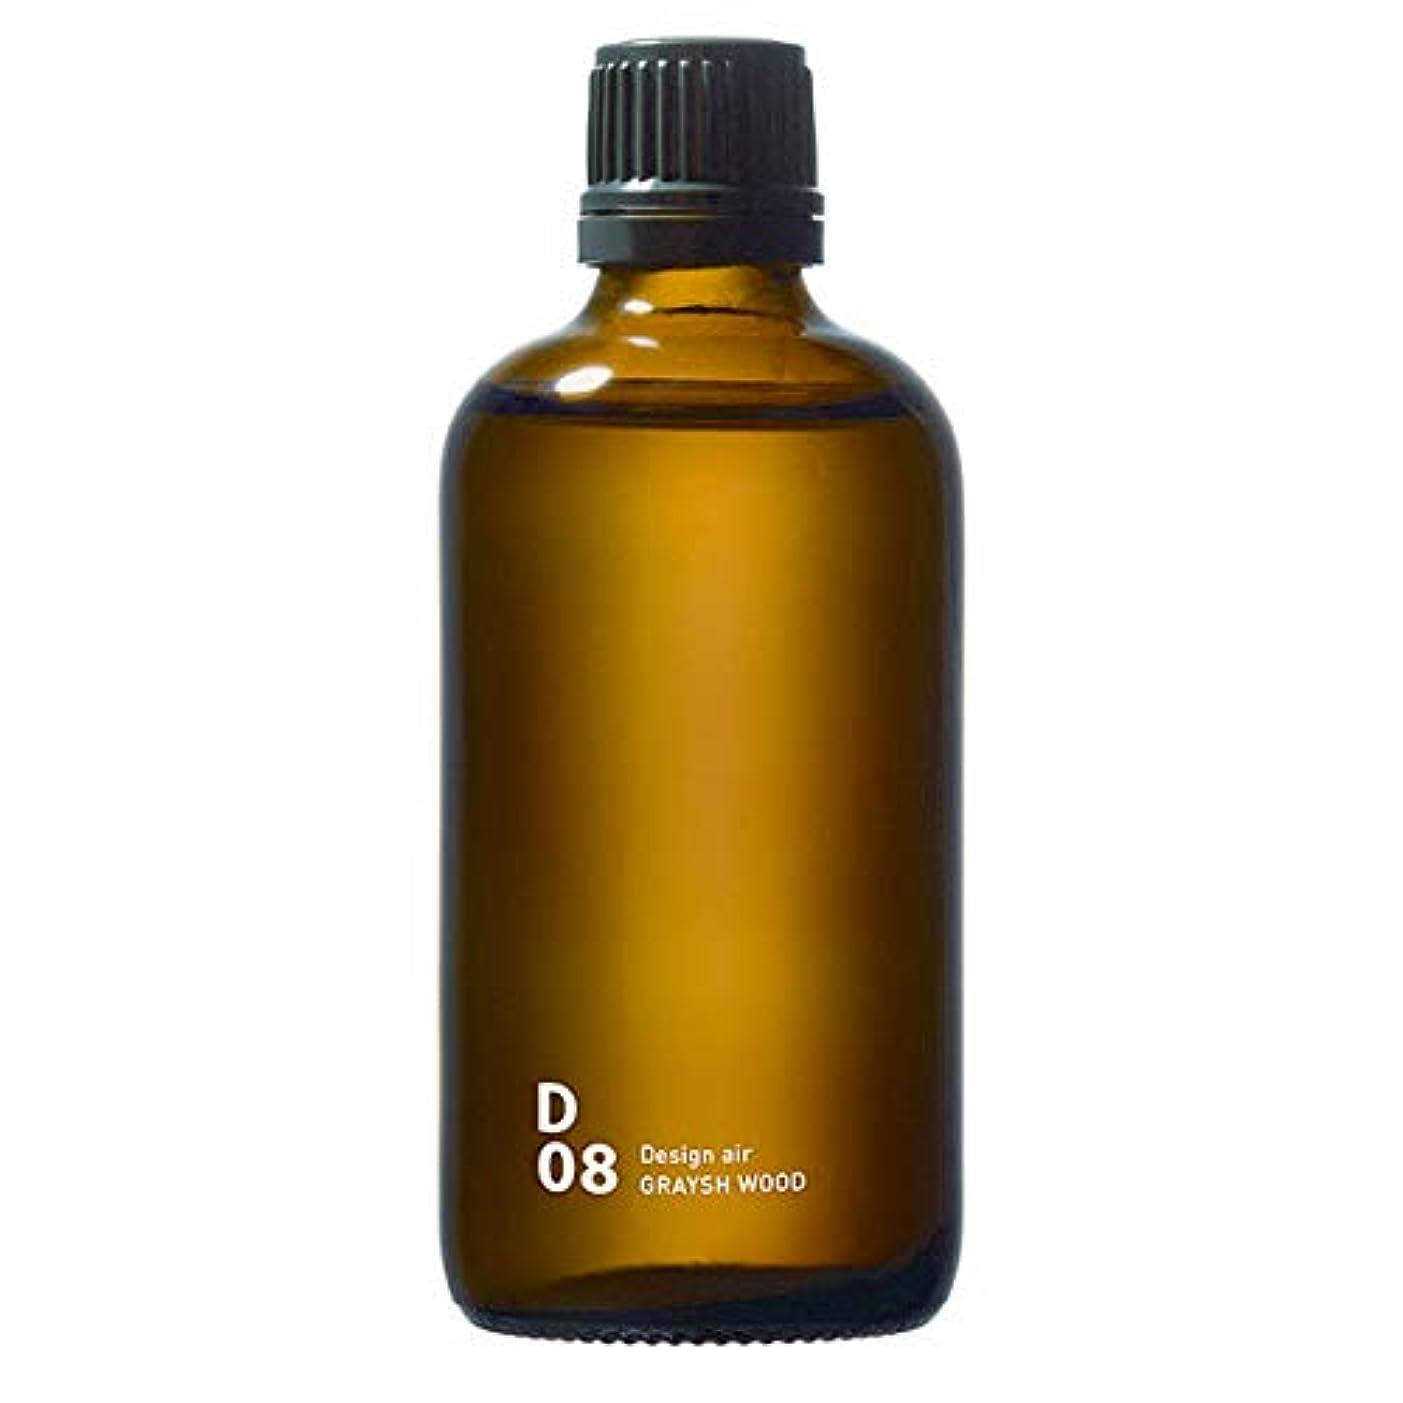 言い換えると口実ホラーD08 GRAYISH WOOD piezo aroma oil 100ml